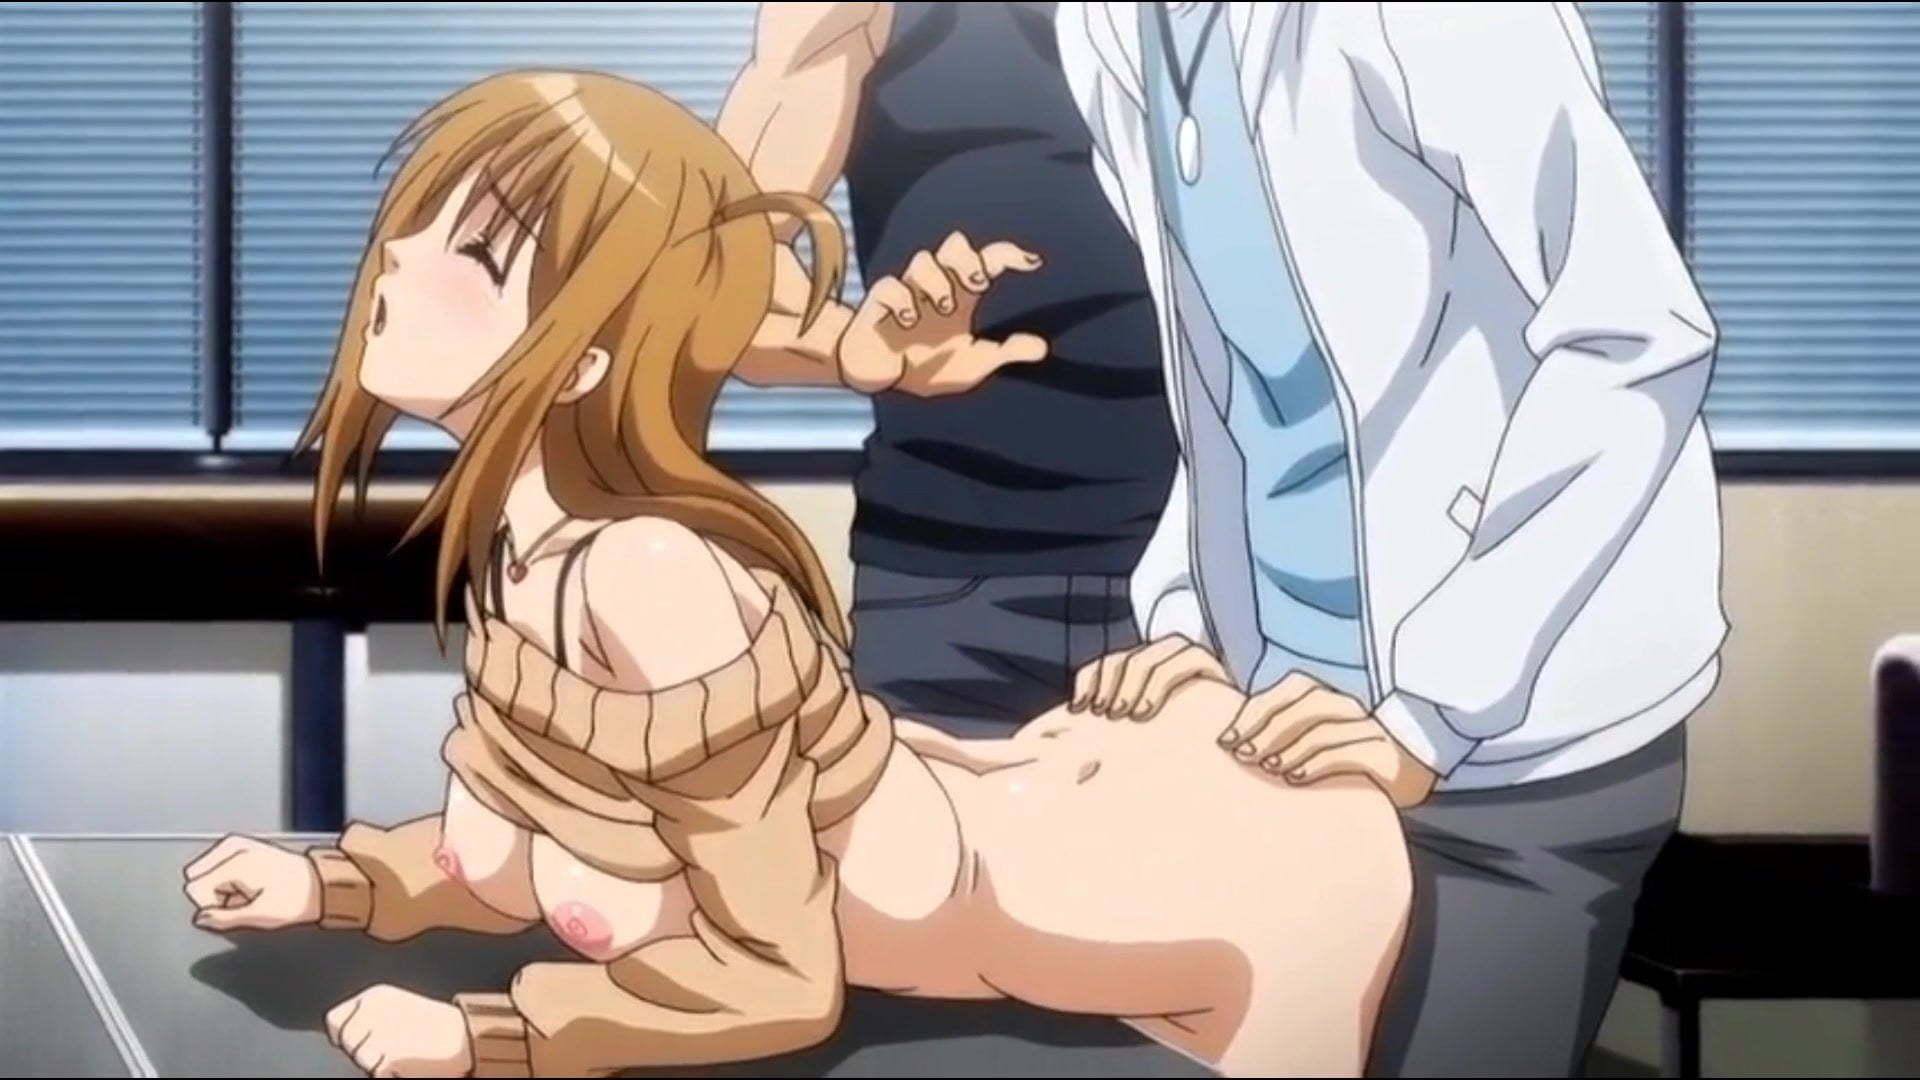 Uncensored Hentai Train Sex